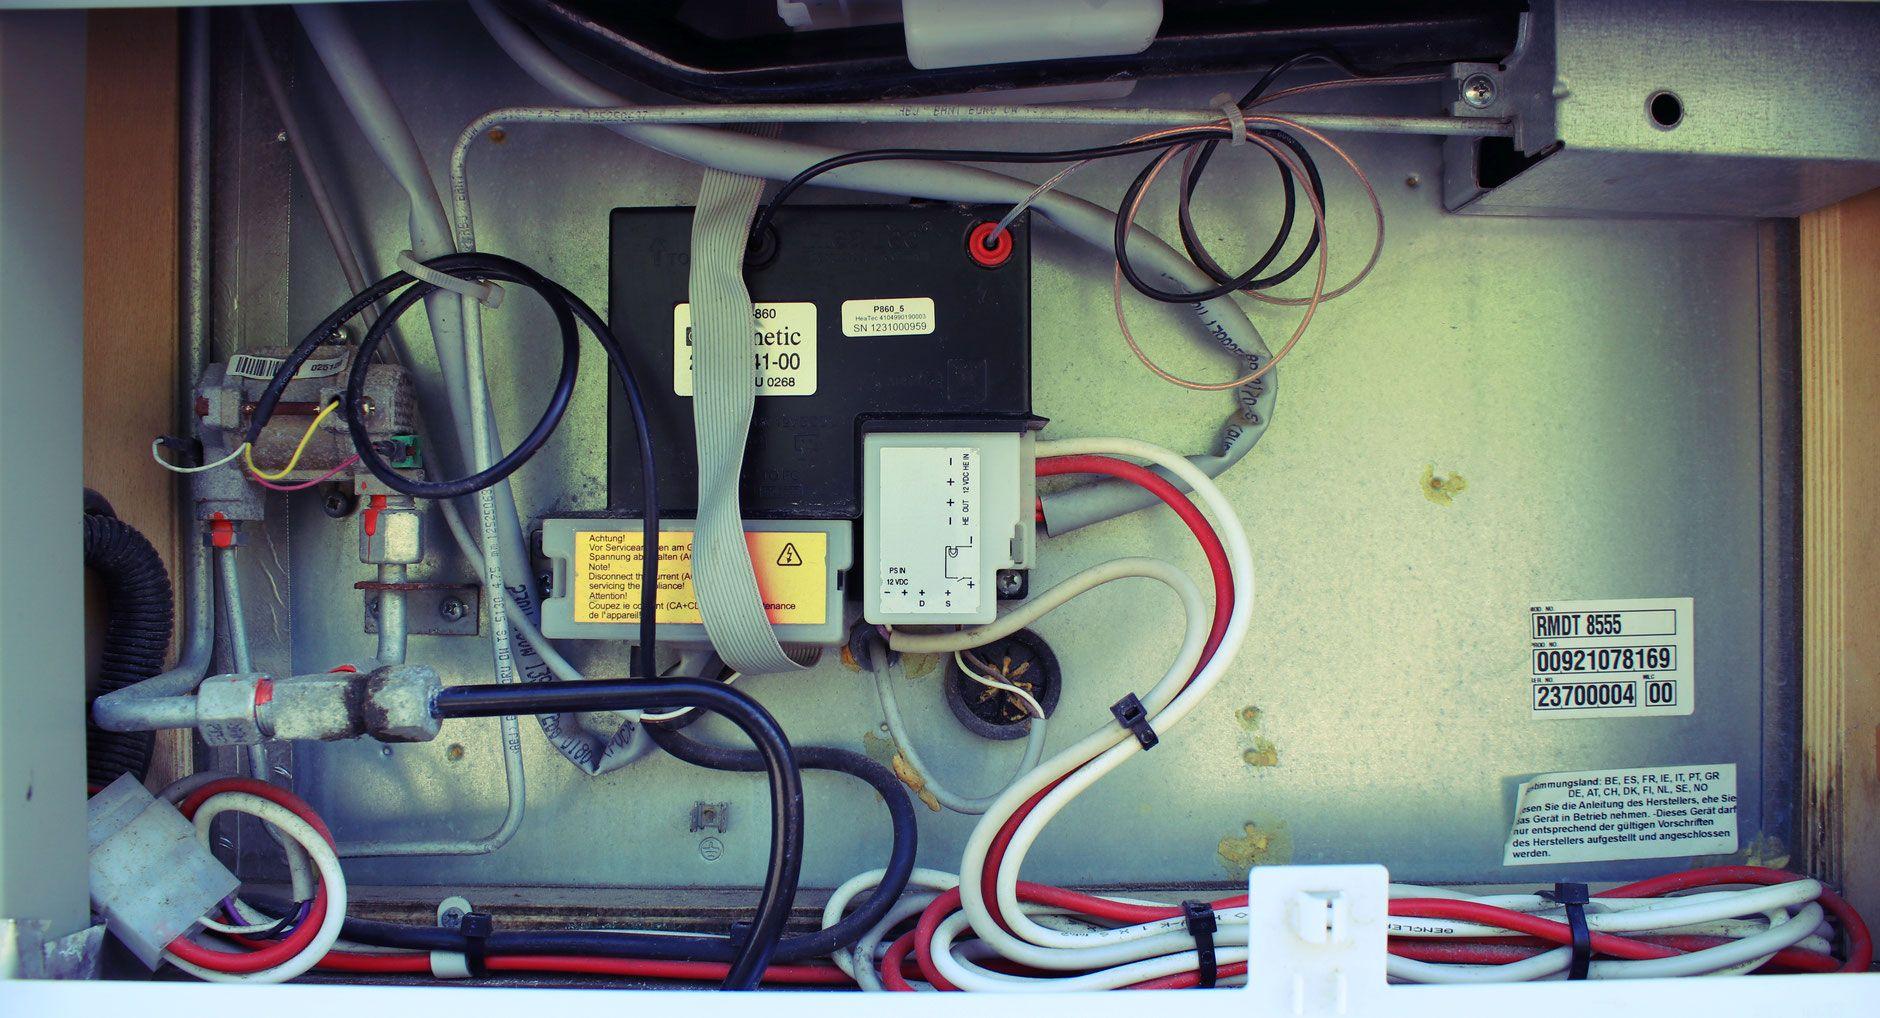 Die Kühlschrank Wartung - Hundeschule - Wohnmobil Reiseführer